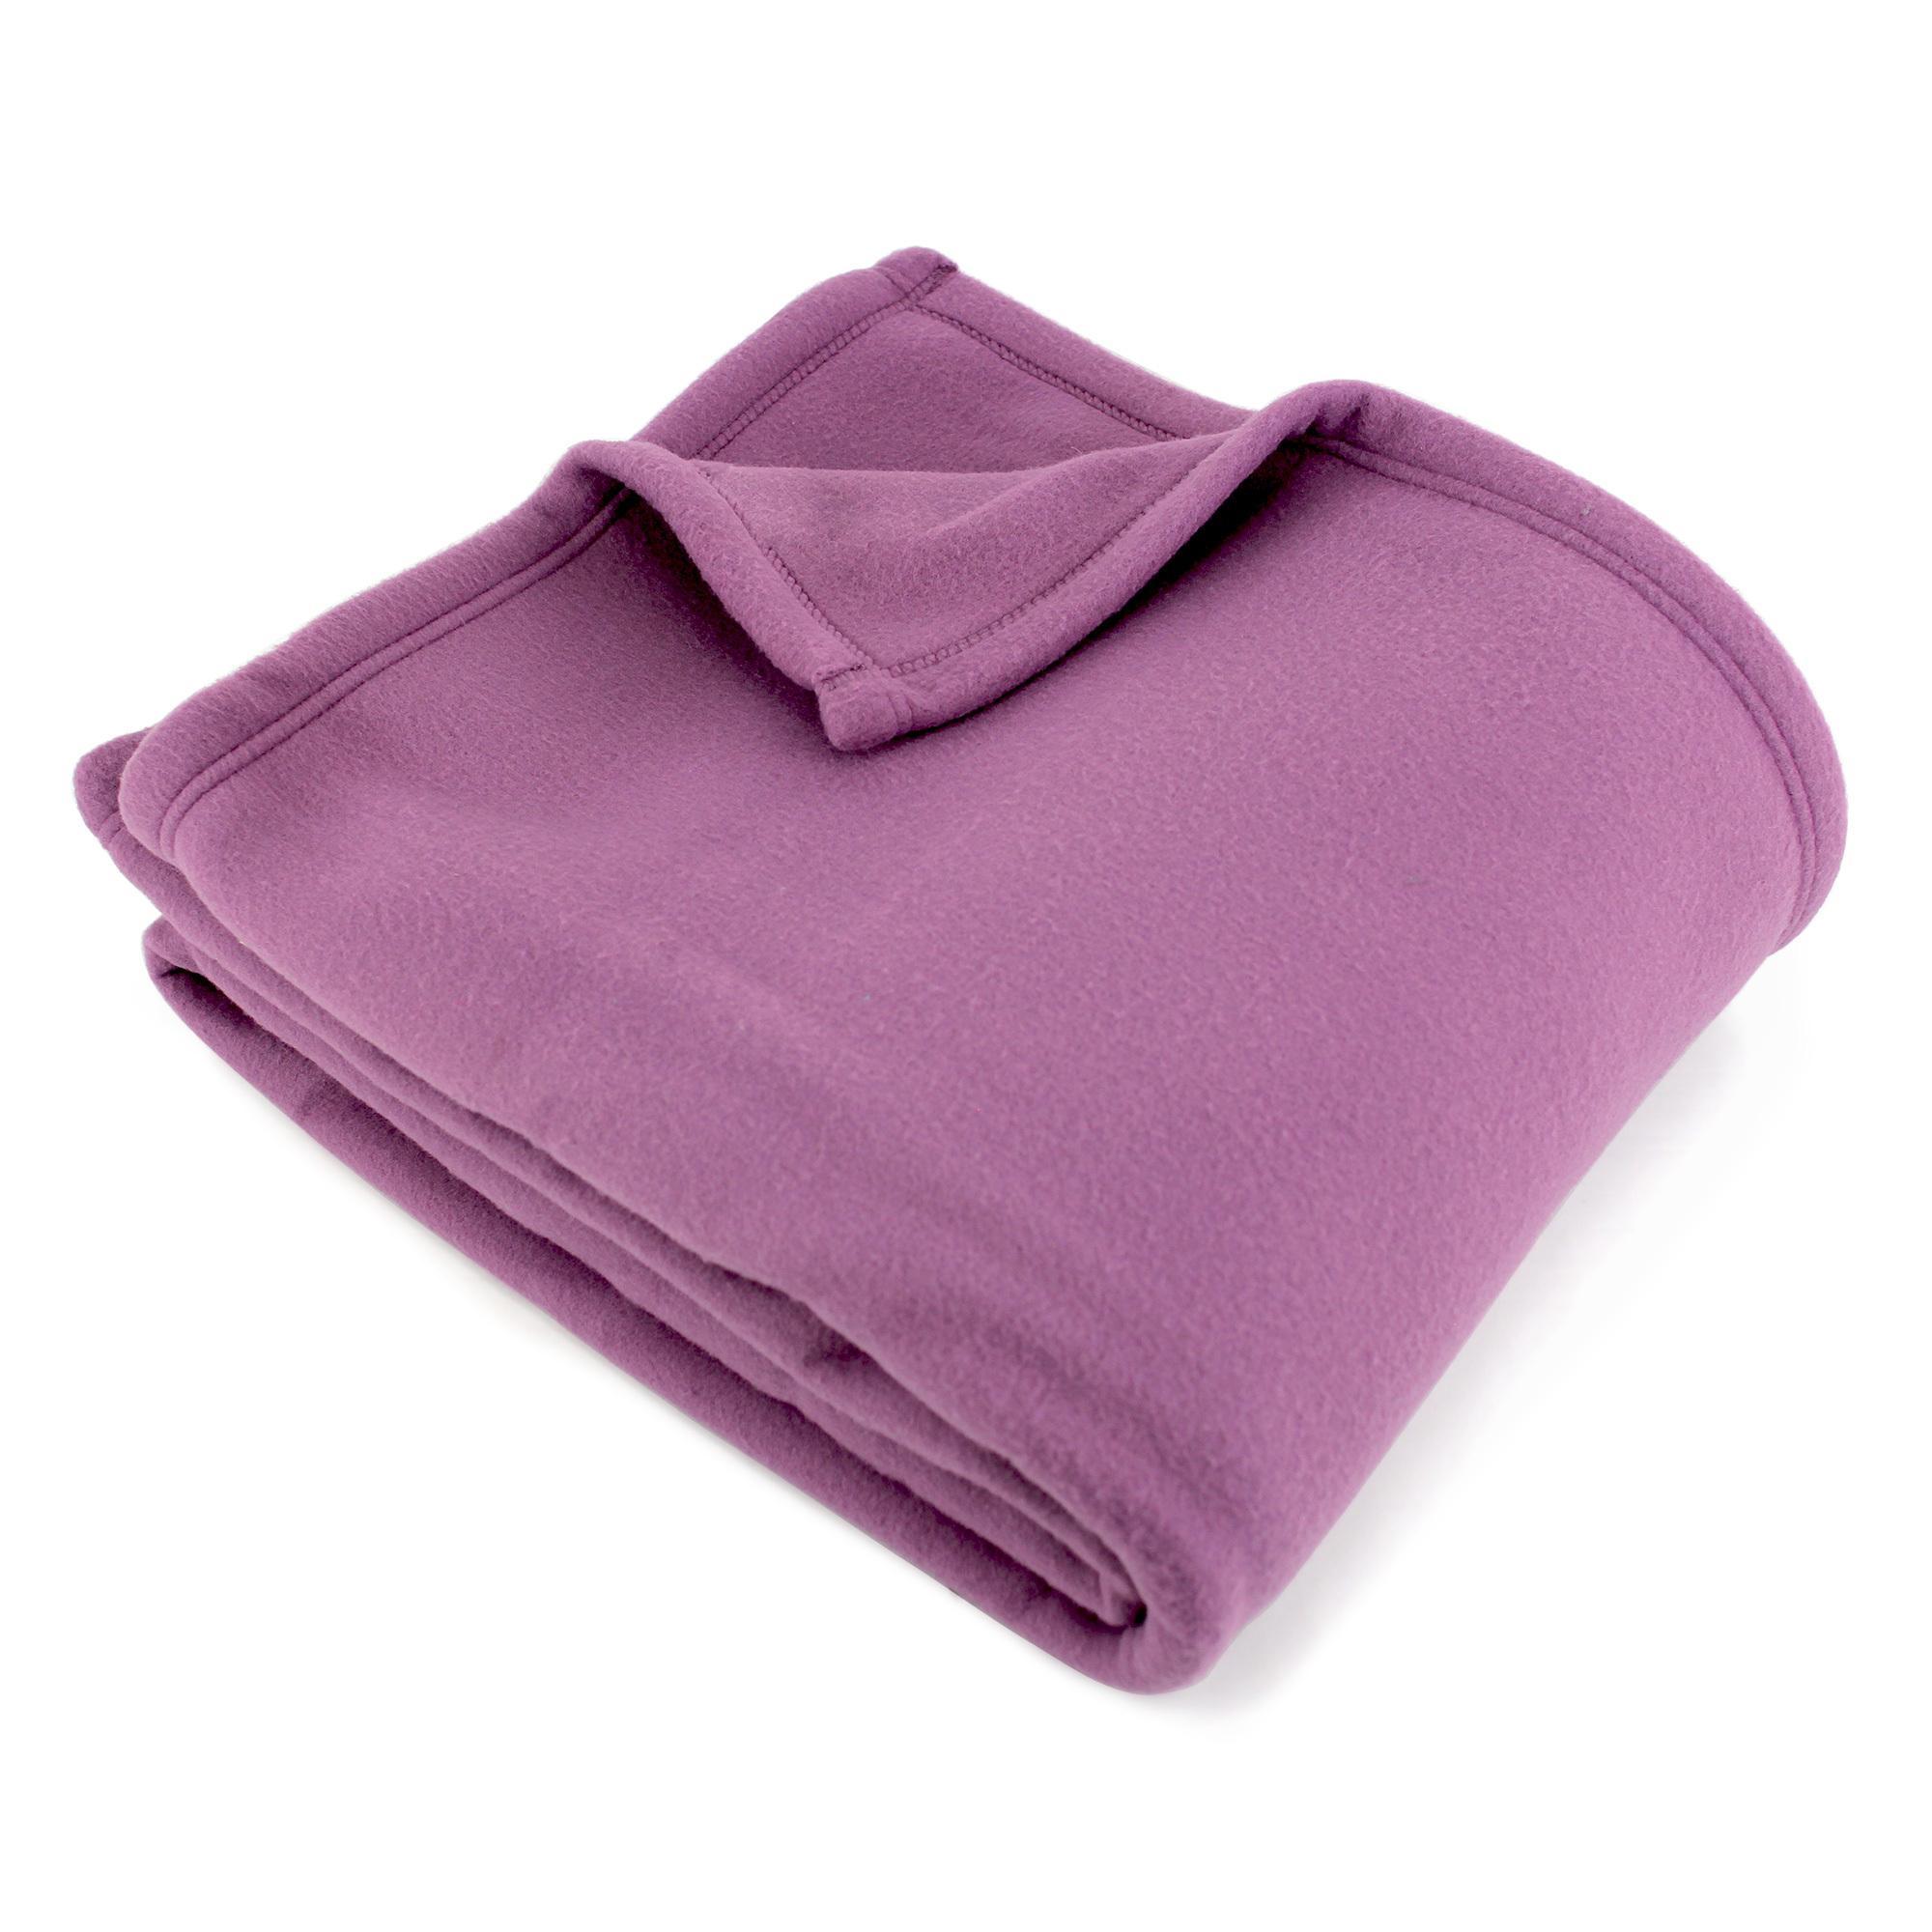 couverture polaire polyester 220x240 cm teddy mauve linnea linge de maison et. Black Bedroom Furniture Sets. Home Design Ideas